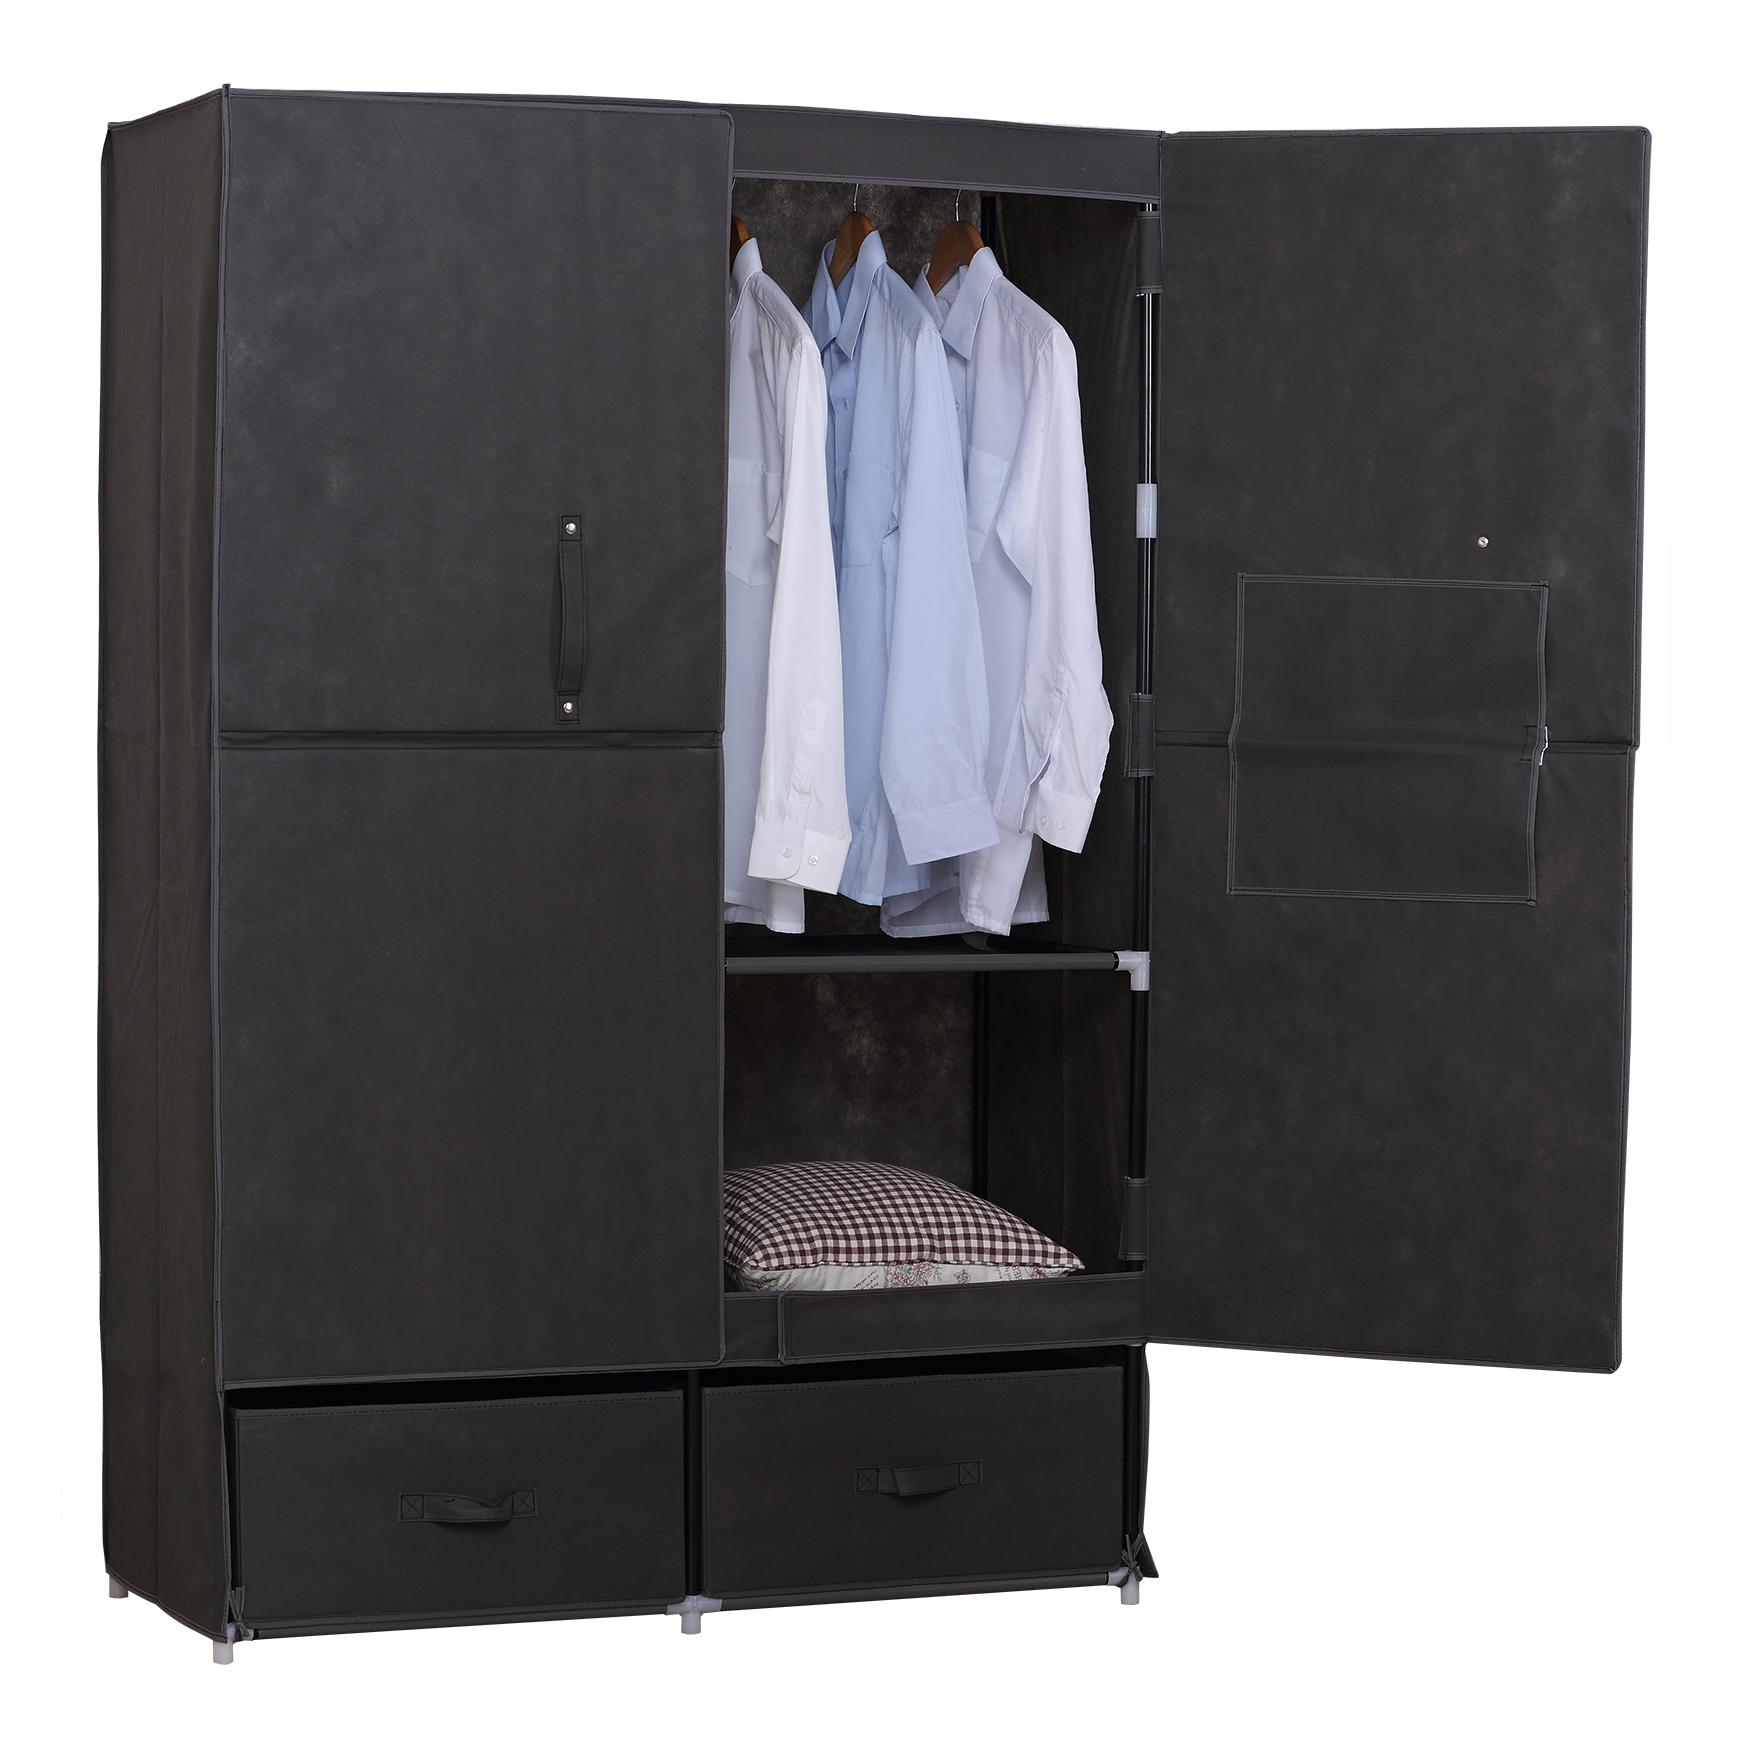 xxxl kleiderschrank stoff schrank garderobenschrank textil. Black Bedroom Furniture Sets. Home Design Ideas